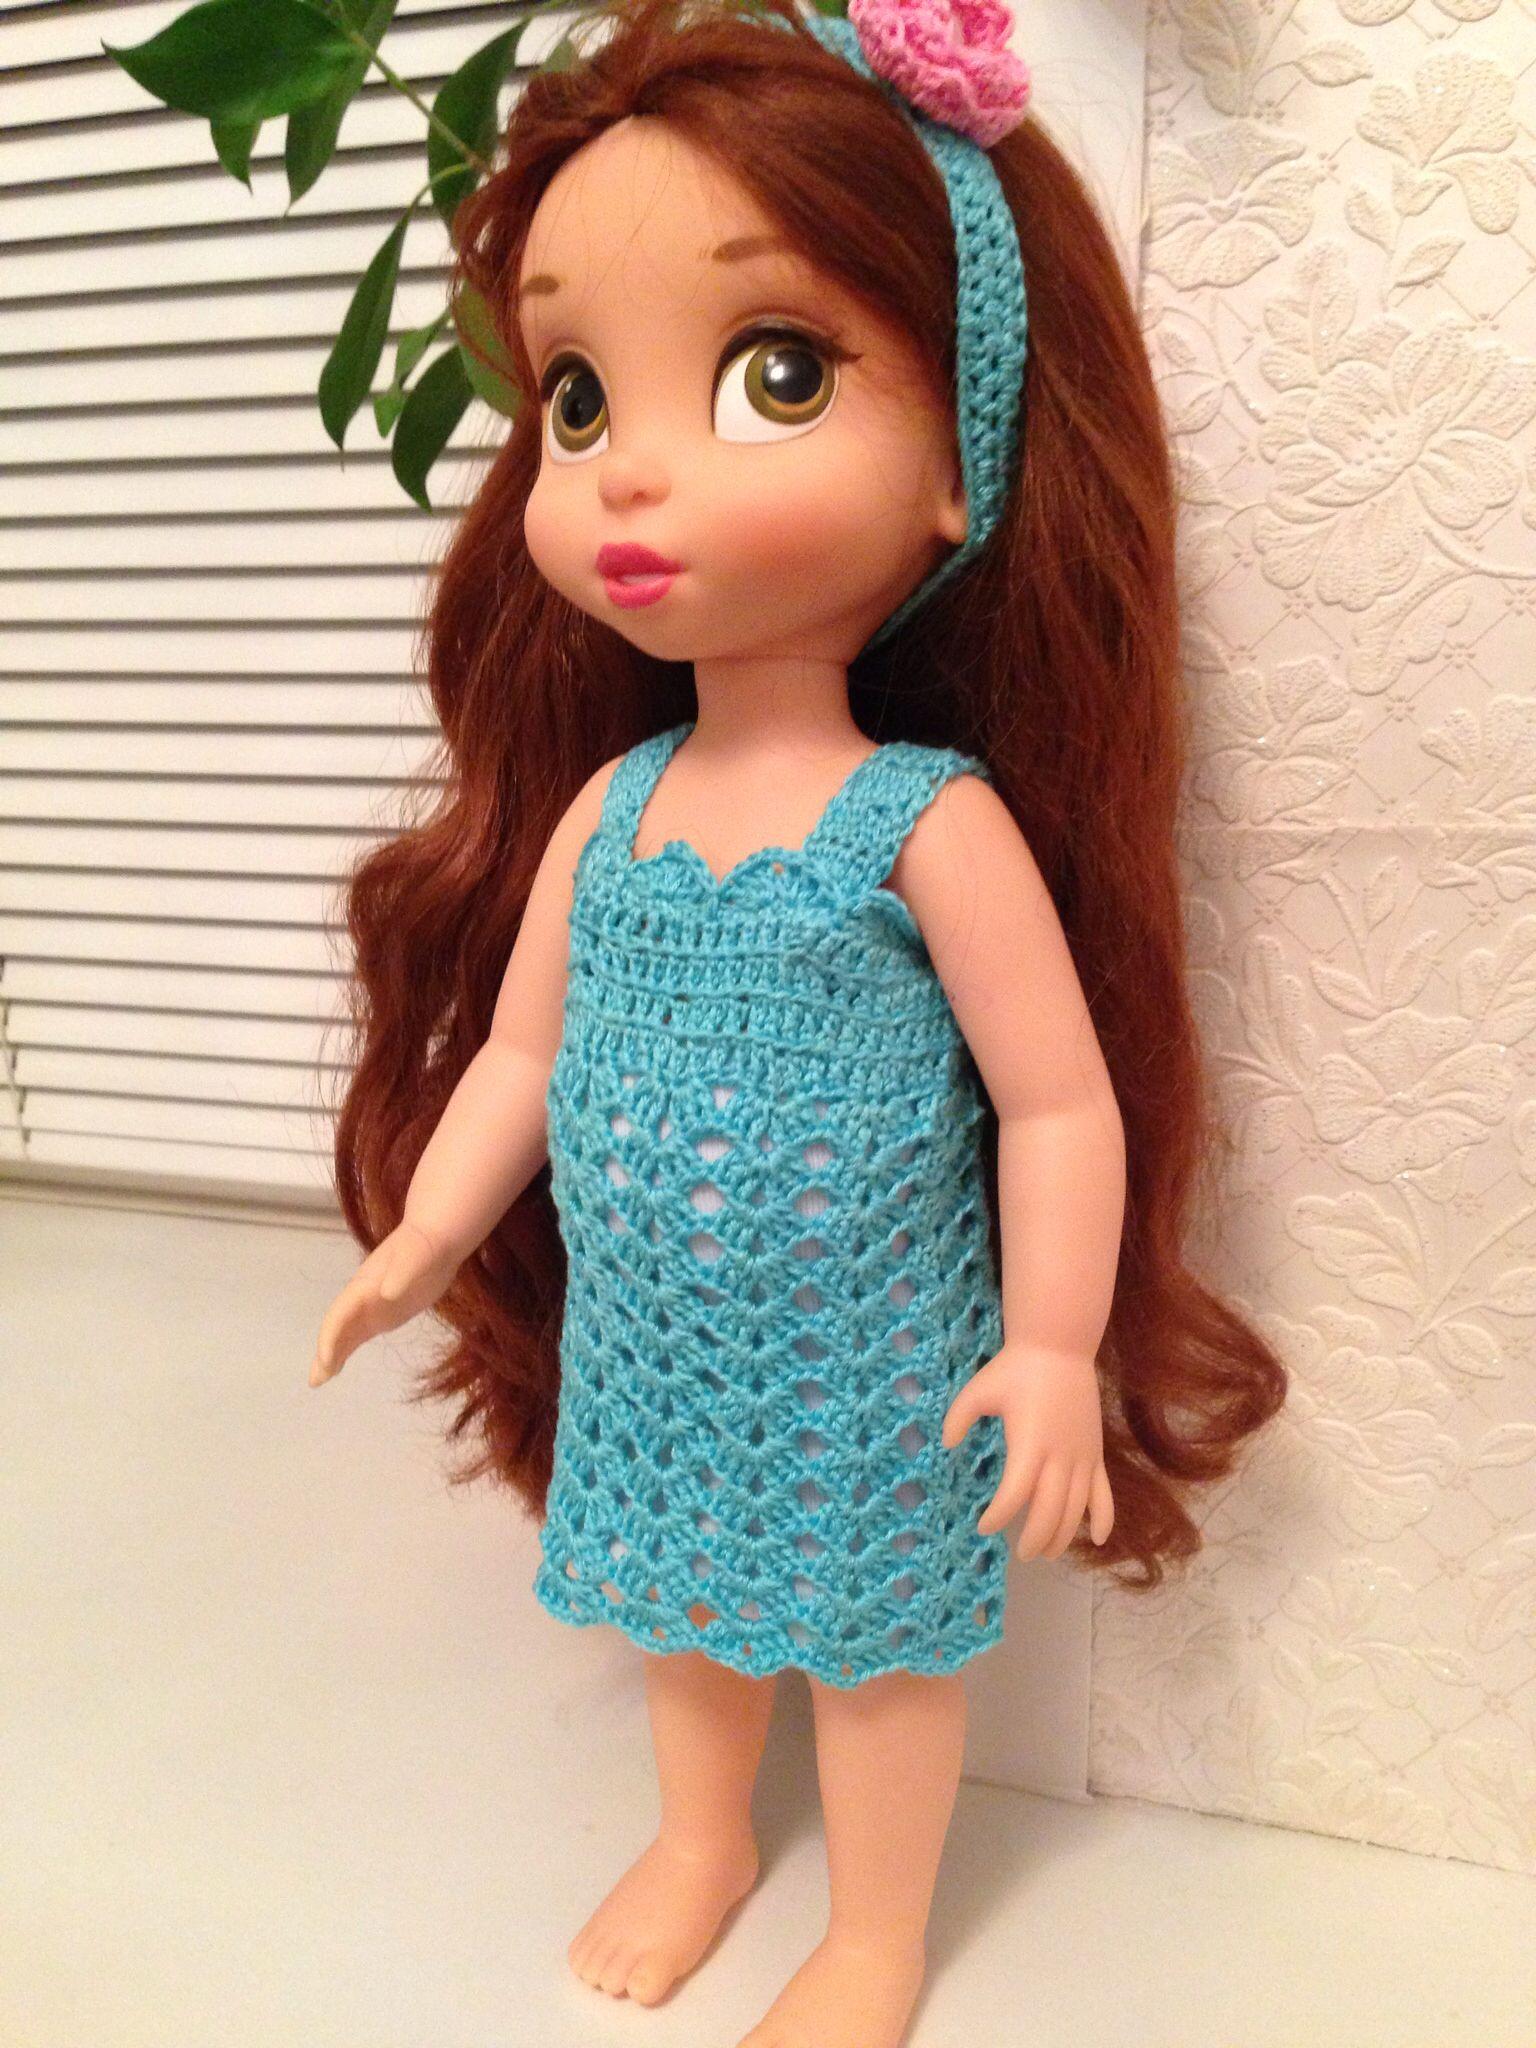 Summer crocheted dress for Disney Animators doll